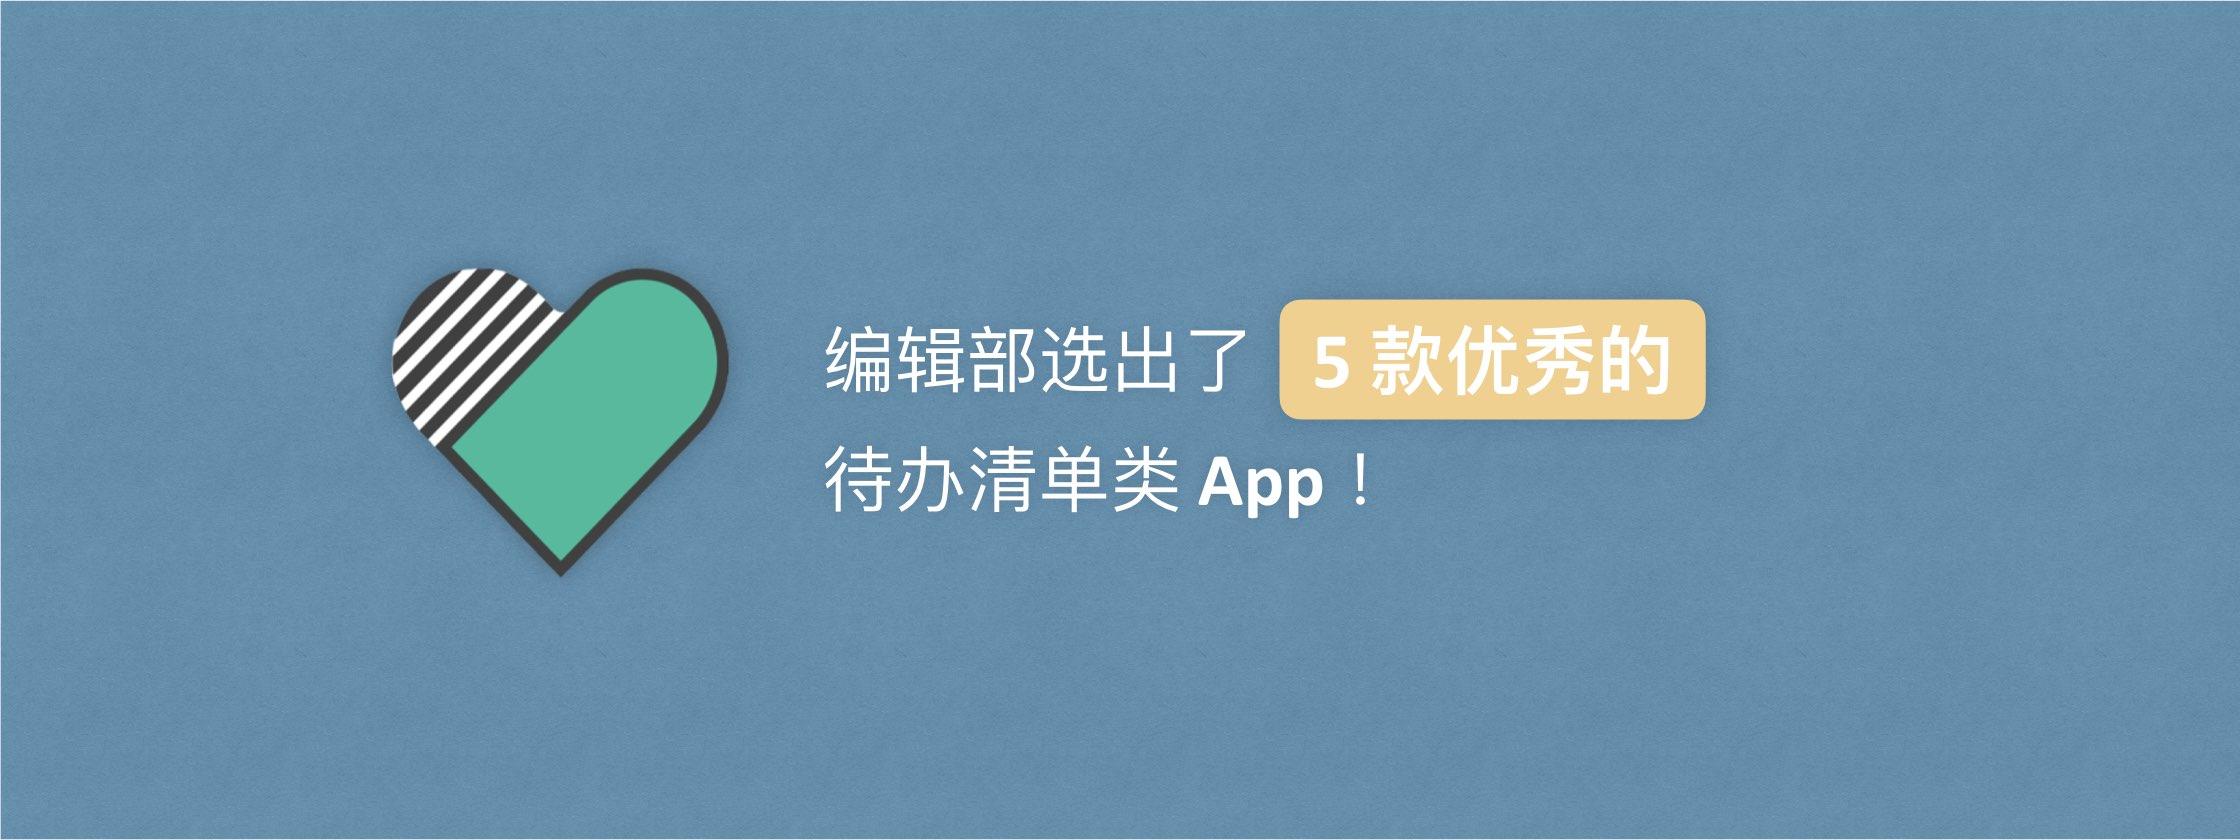 荔枝茶话会 | Dislike、Todo清单:这些优秀待办清单类 App,有你在用的吗?